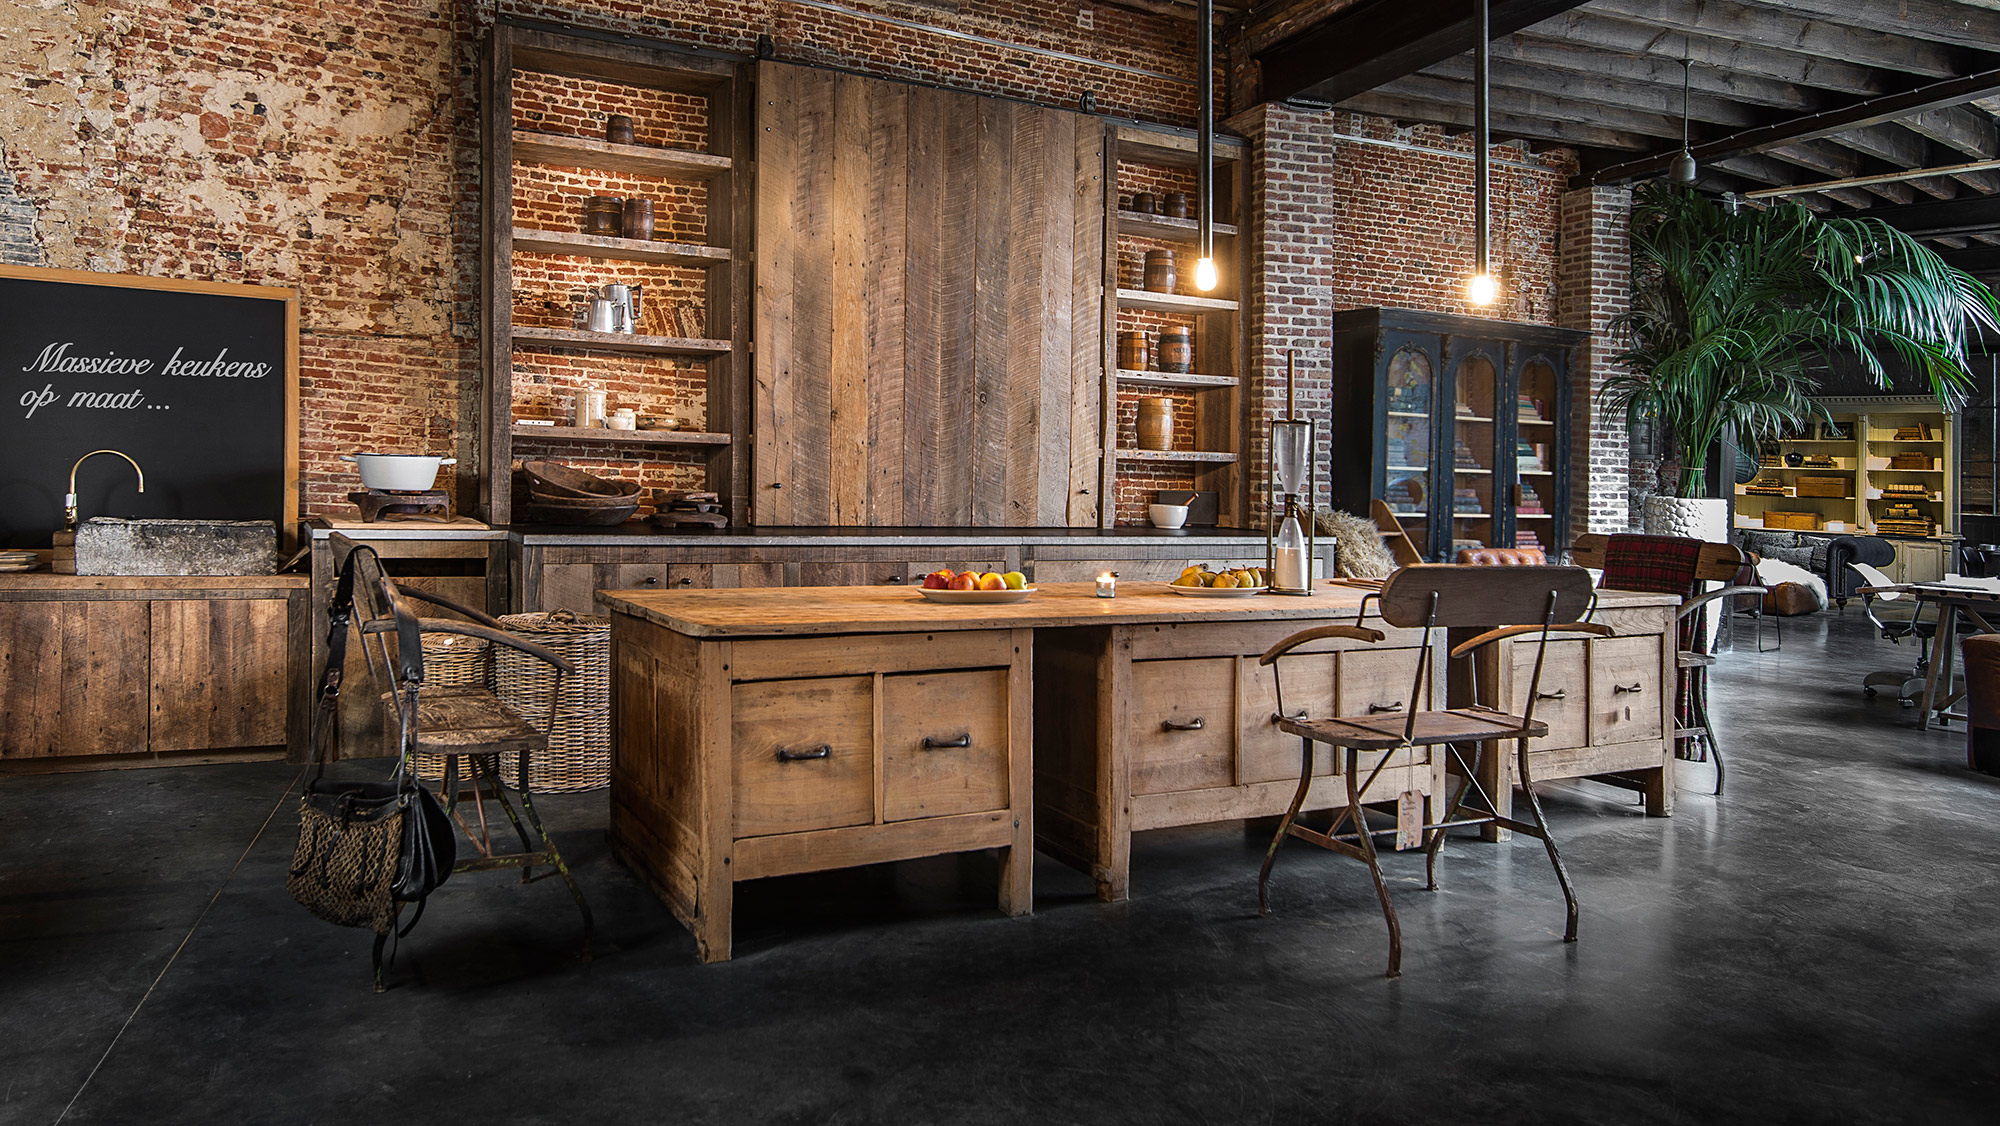 Hout antieke keuken ~ gehoor geven aan uw huis